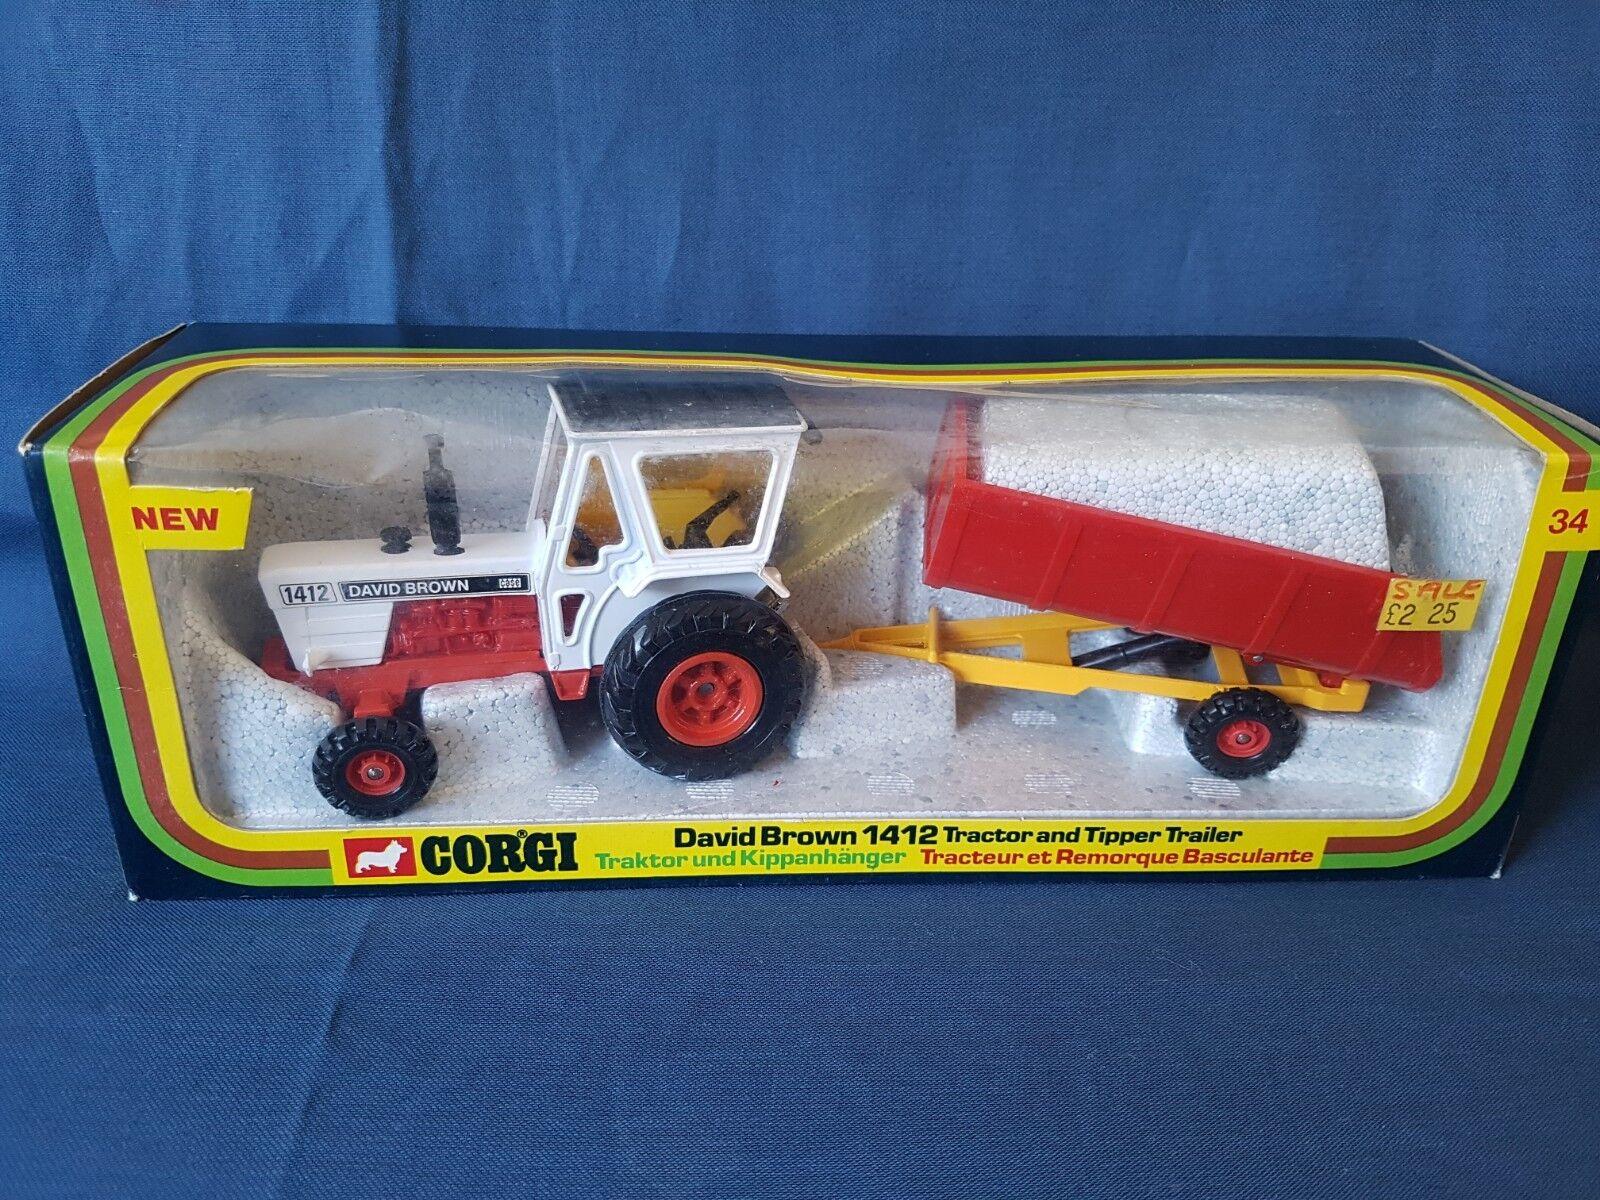 CORGI TOYS MODEL No.GS34  David marron  1412 tracteur & remorque basculante En parfait état, dans sa boîte